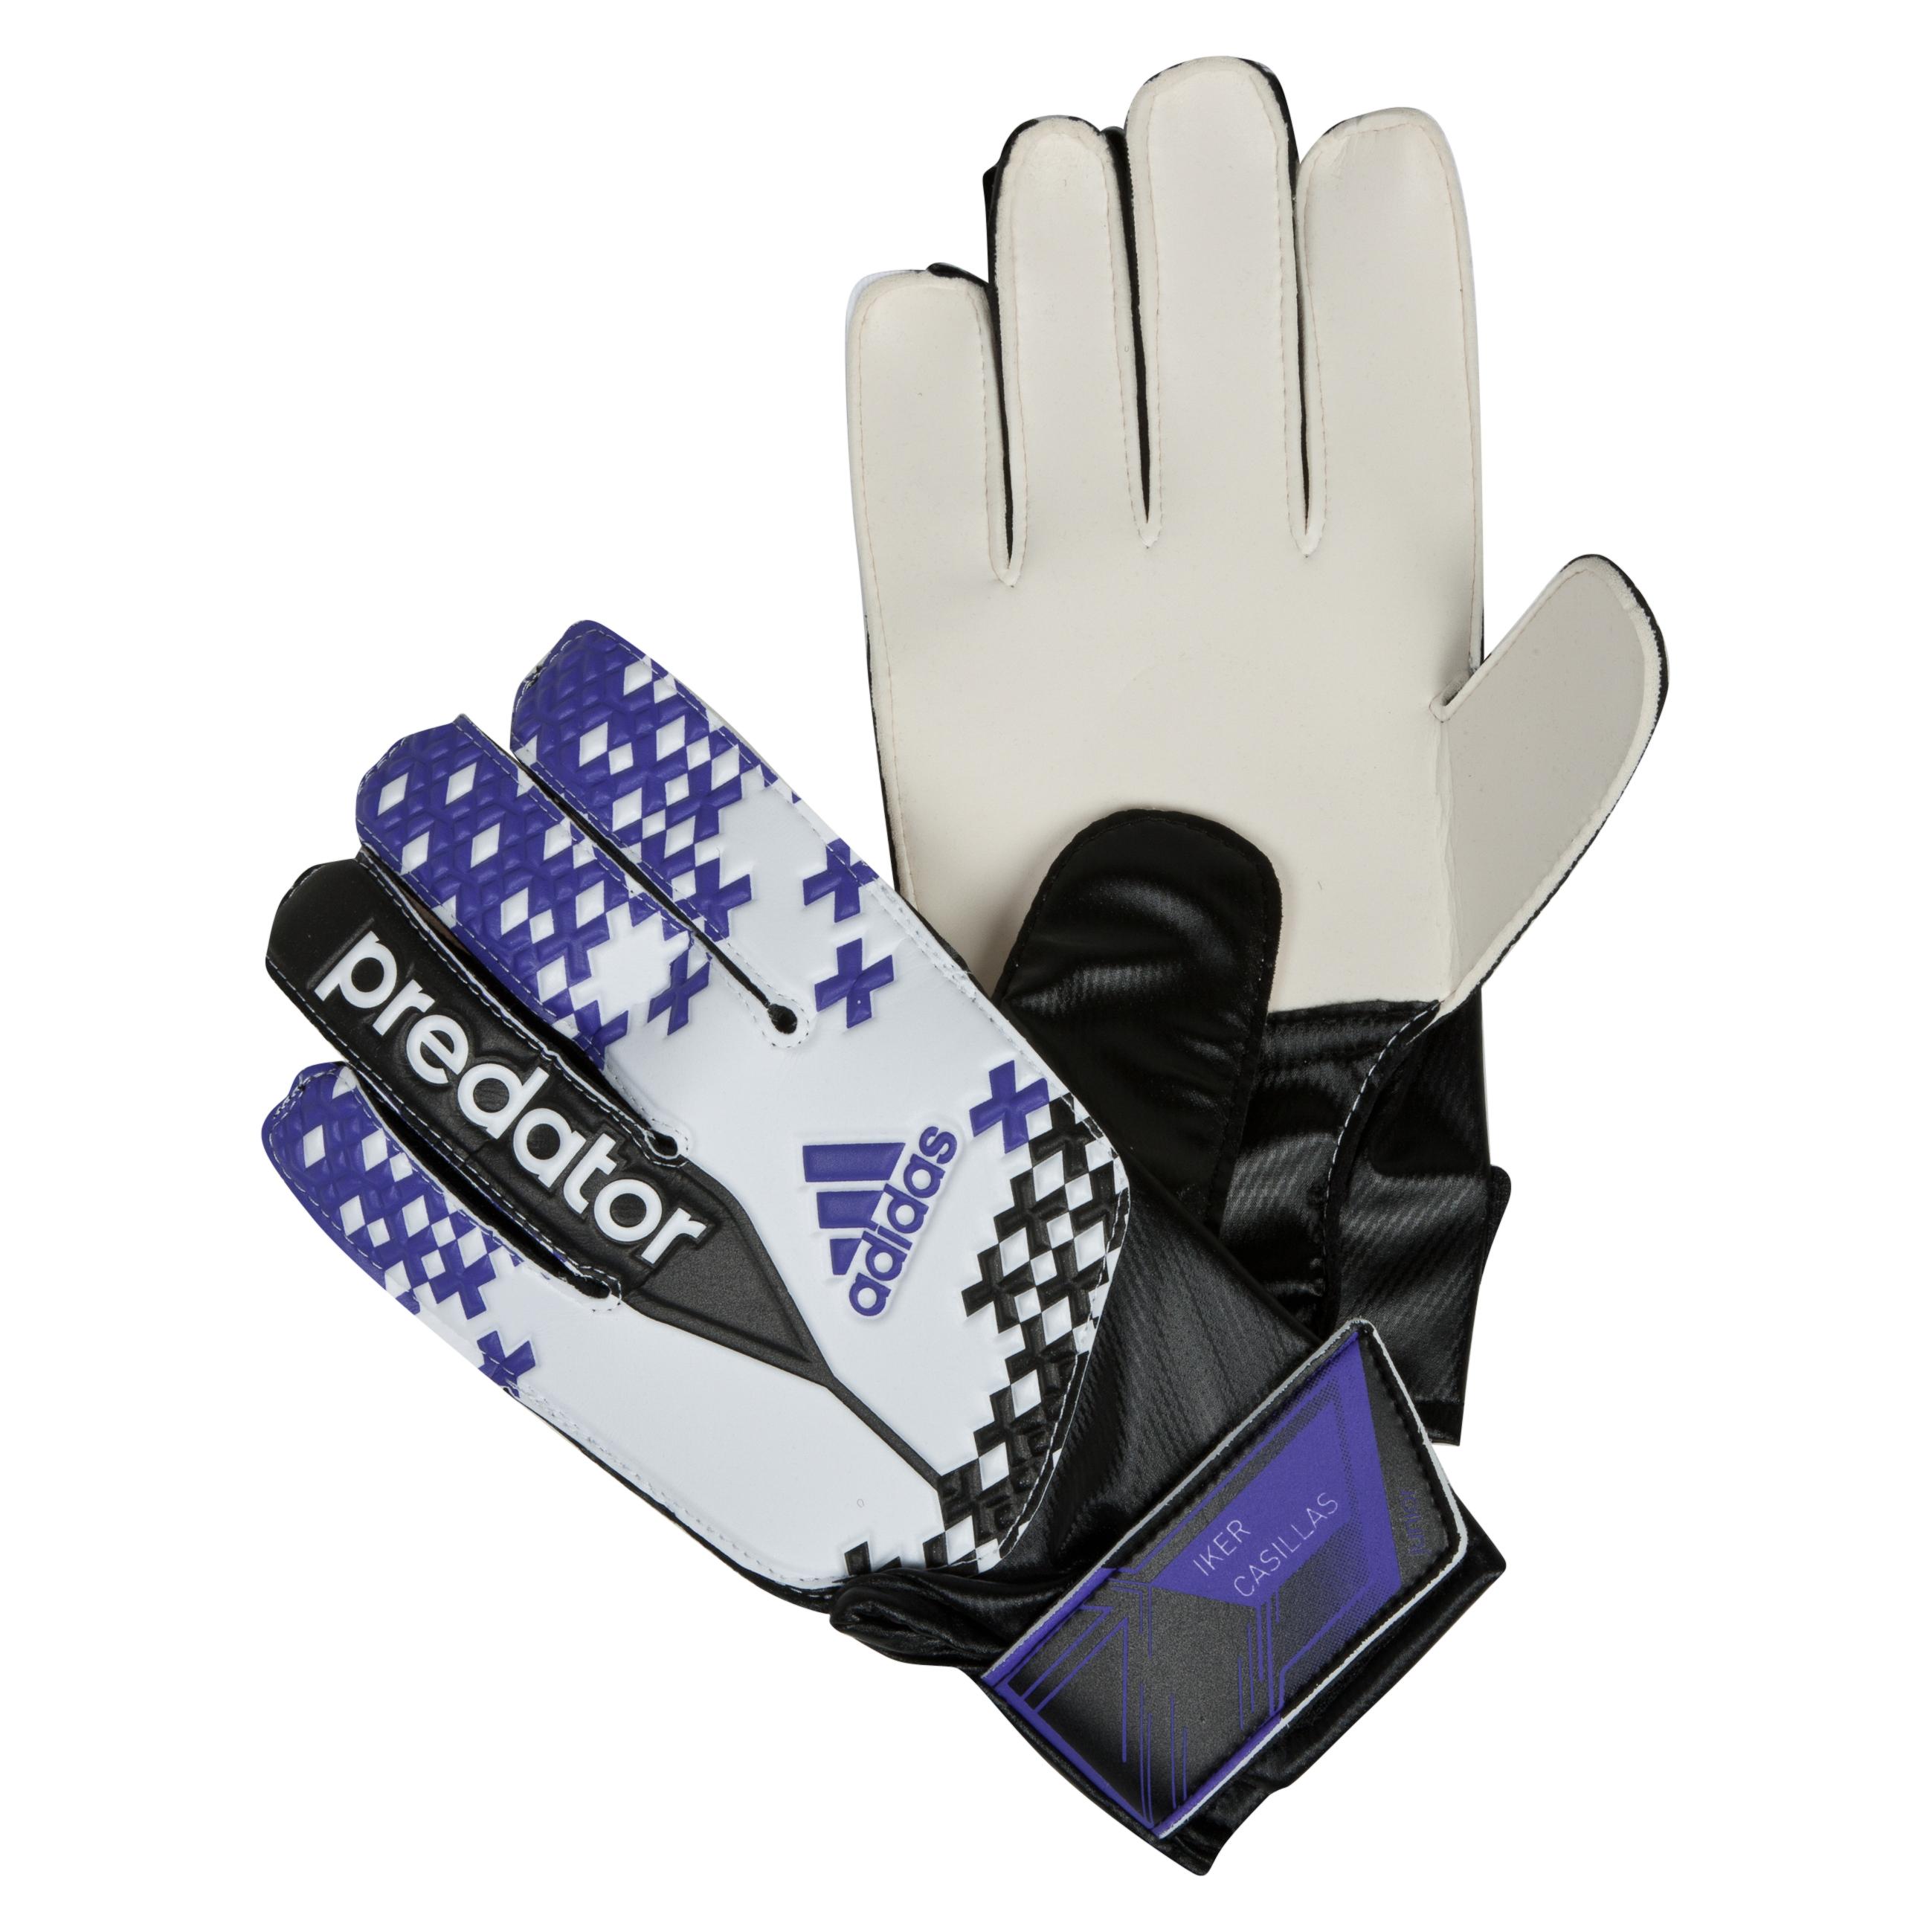 Adidas Predator Iker Casillas Goalkeeper Gloves White